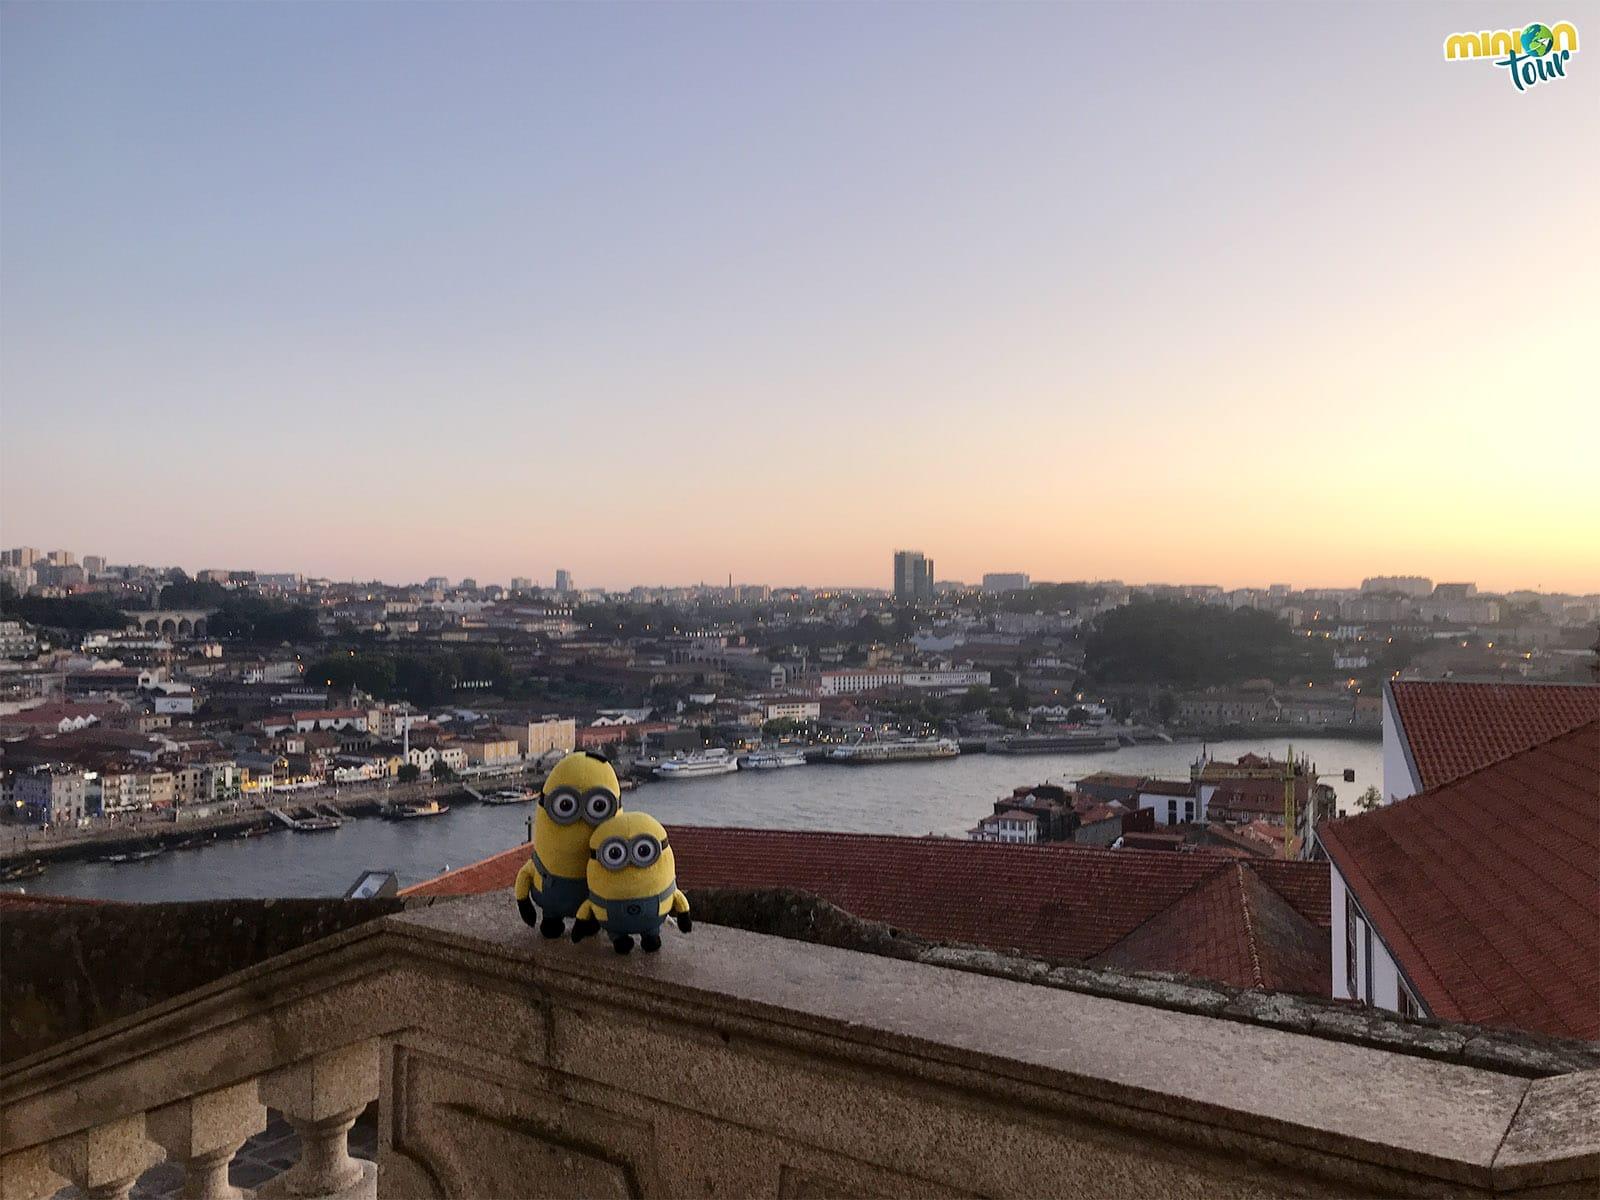 El sol se empieza a esconder en Oporto